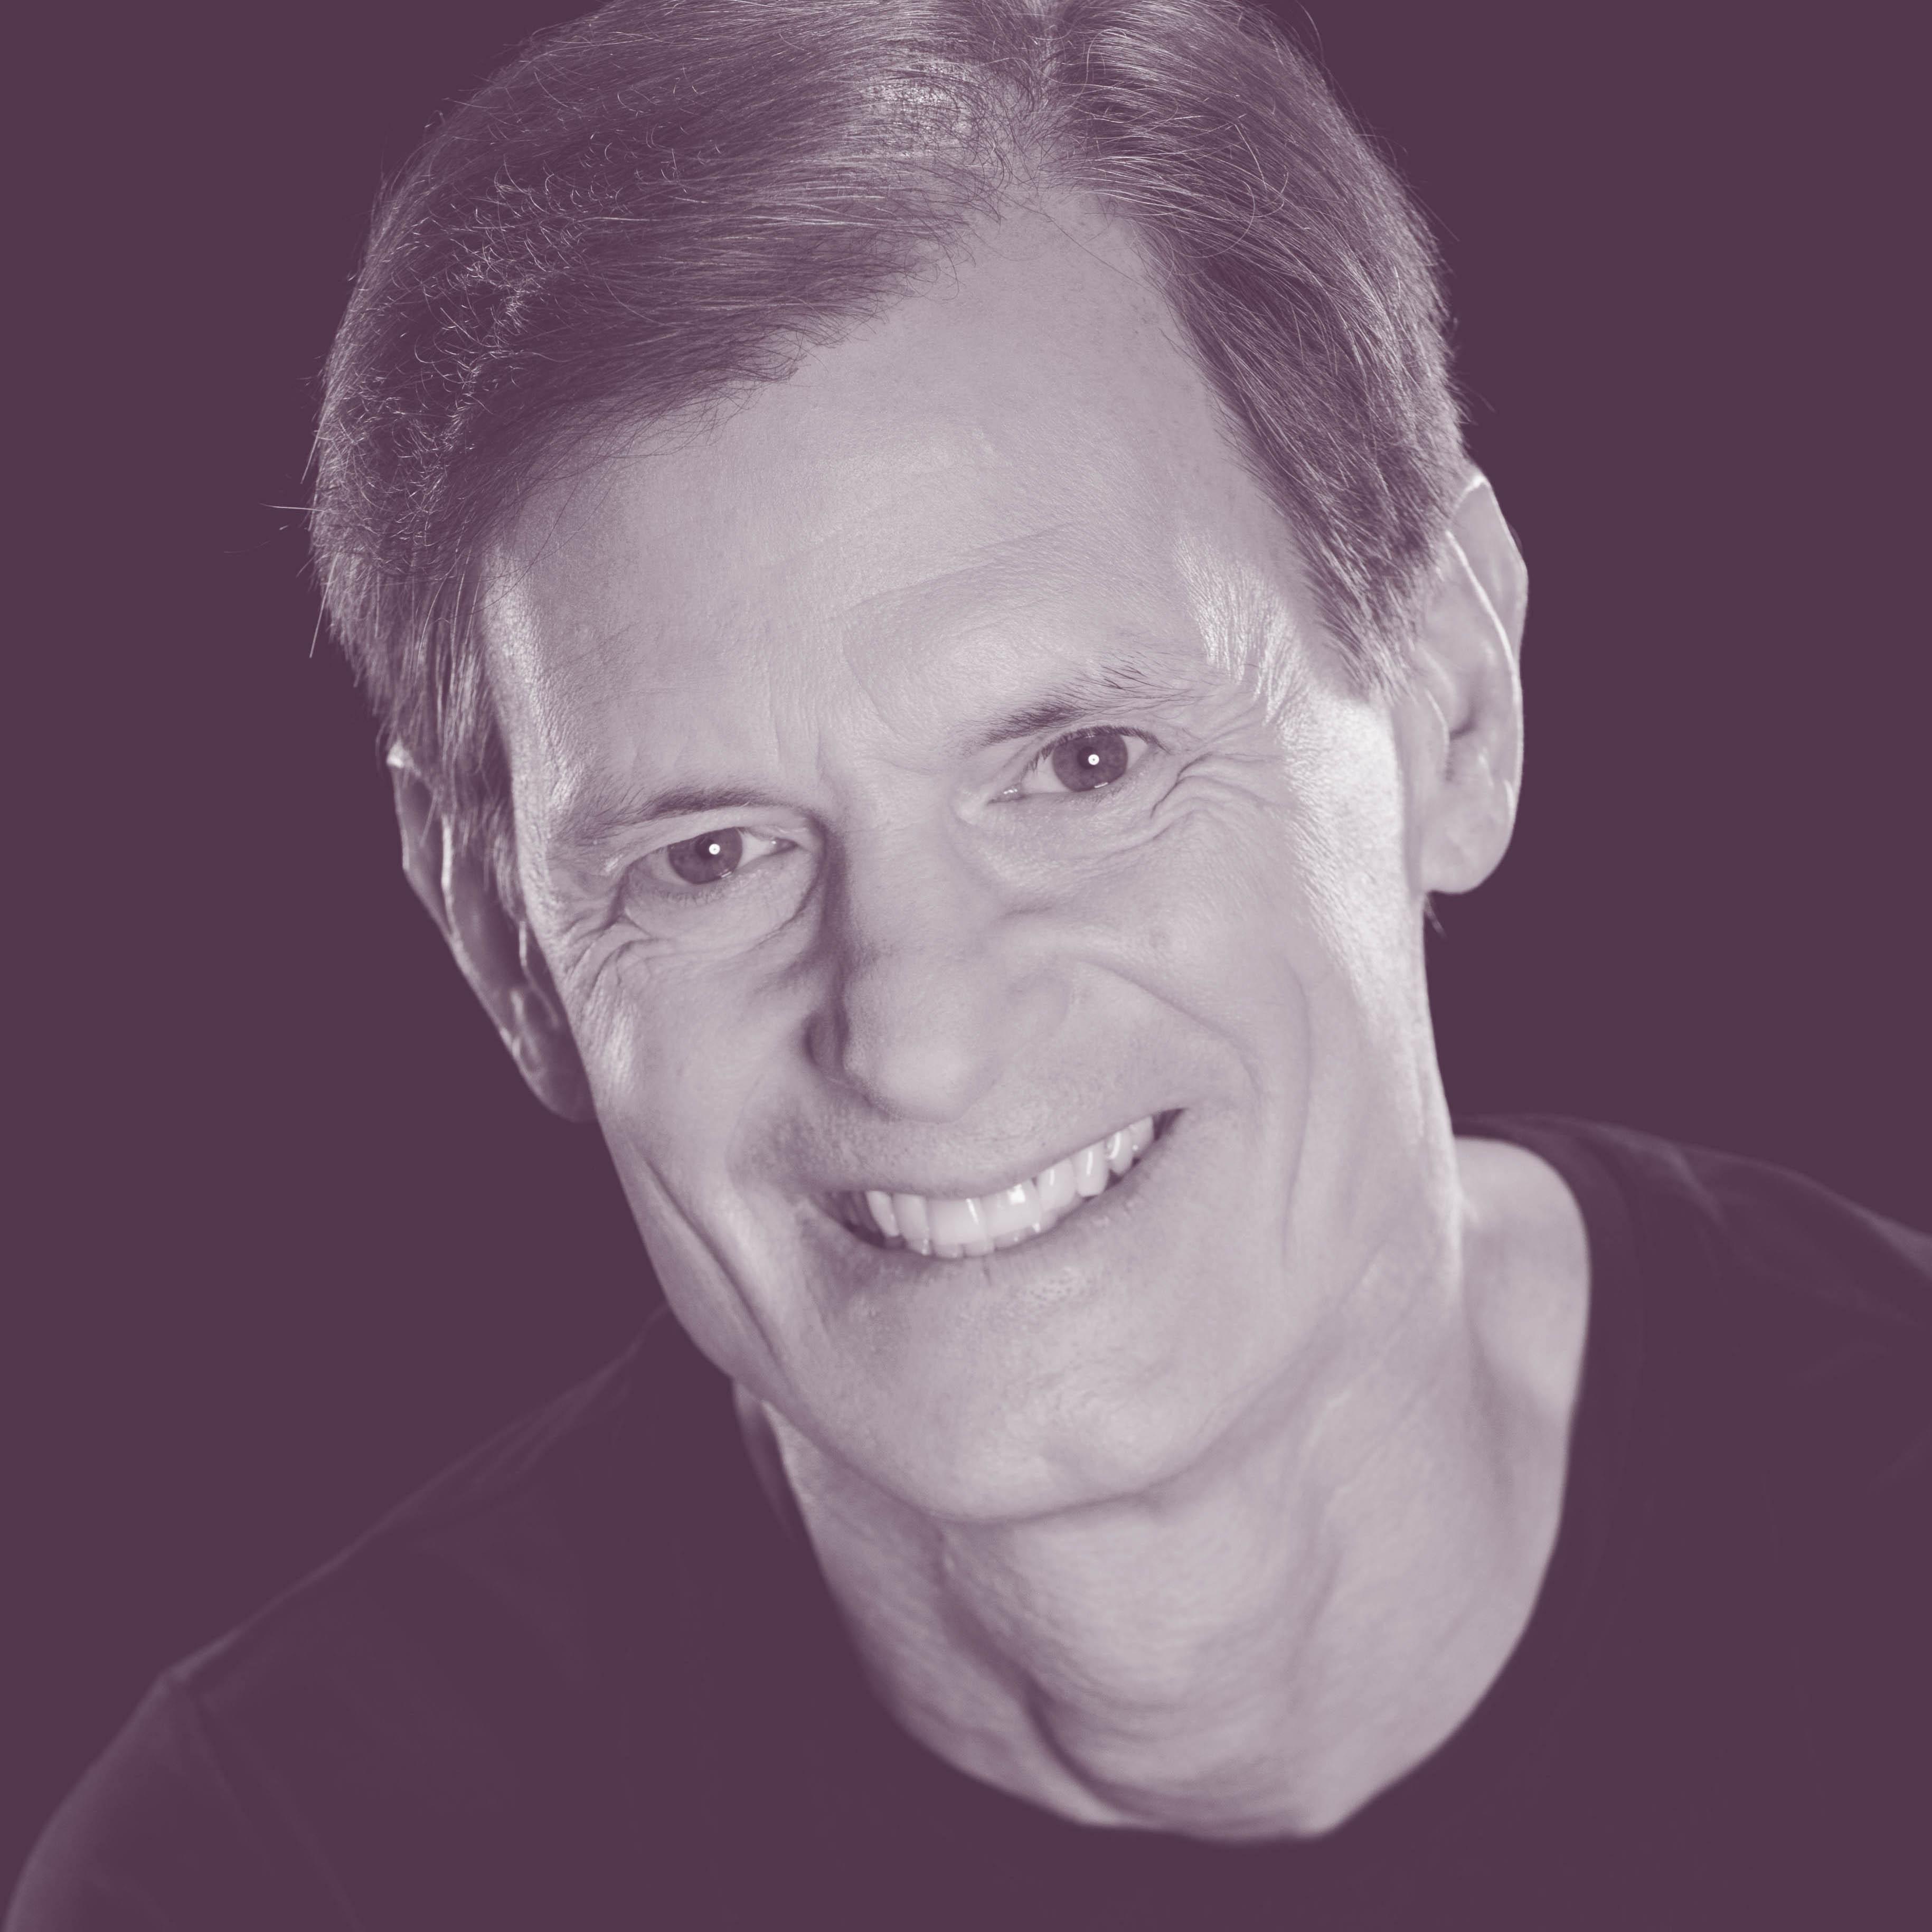 Mike Rayburn